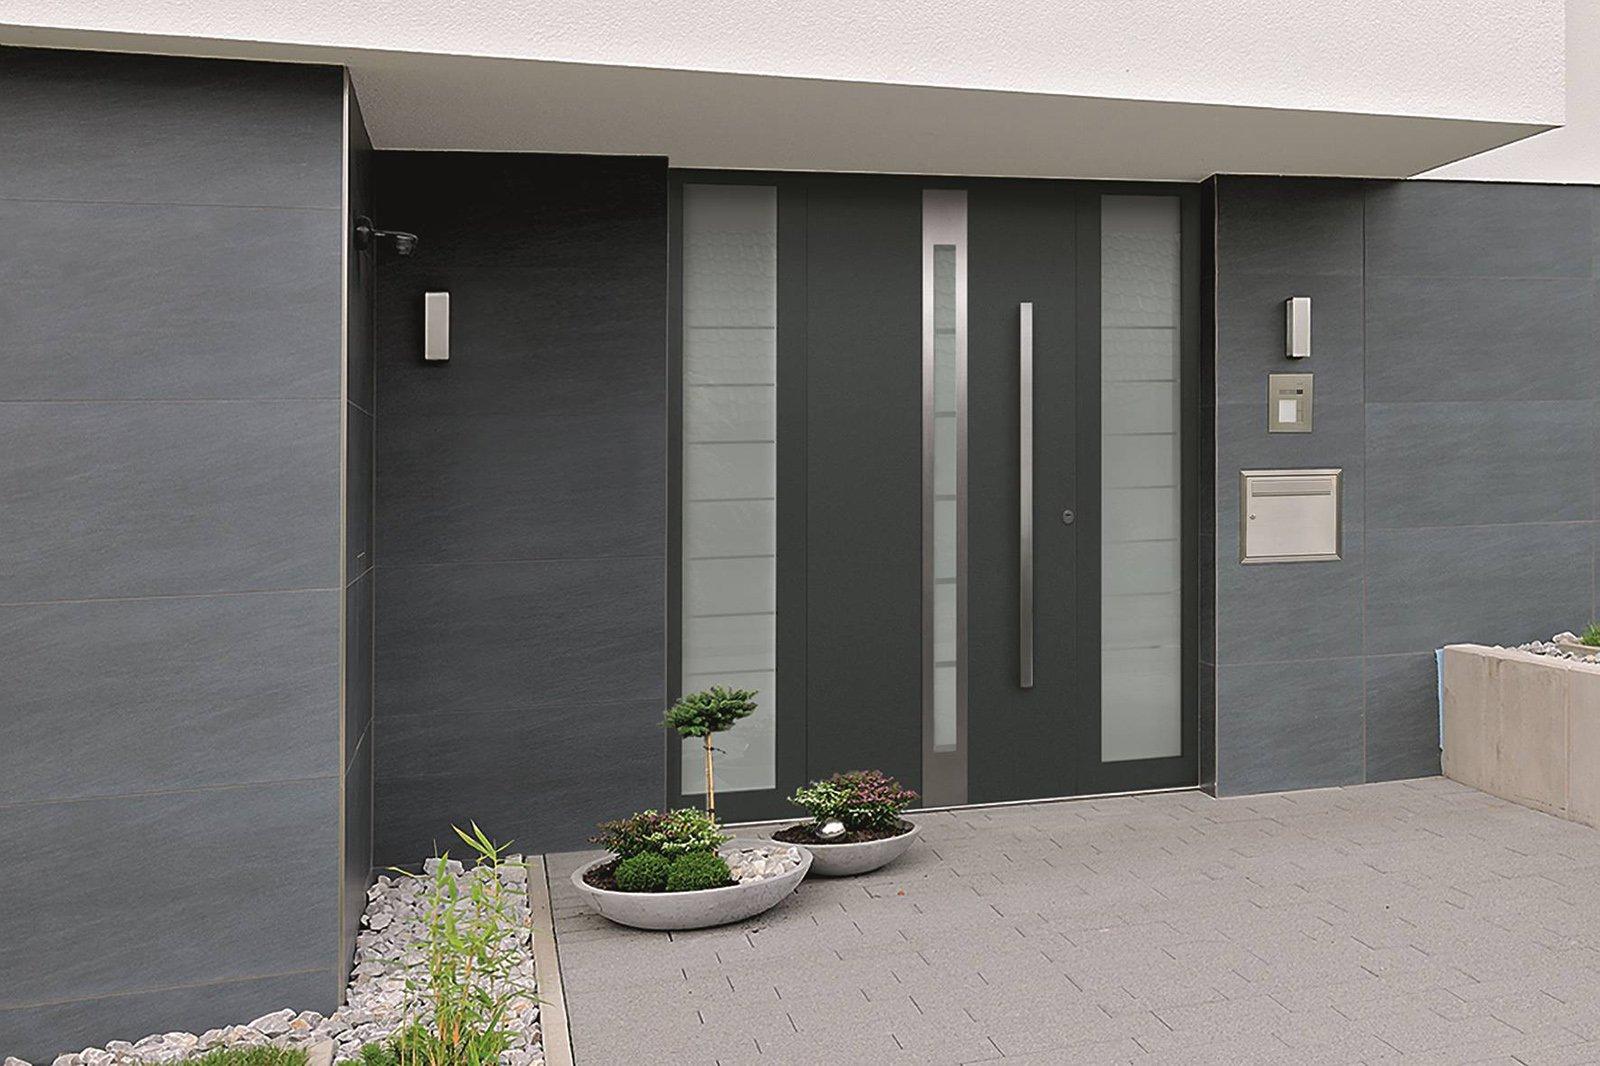 Porte e finestre di sicurezza casa protetta anche durante for Porte della casa di tronchi